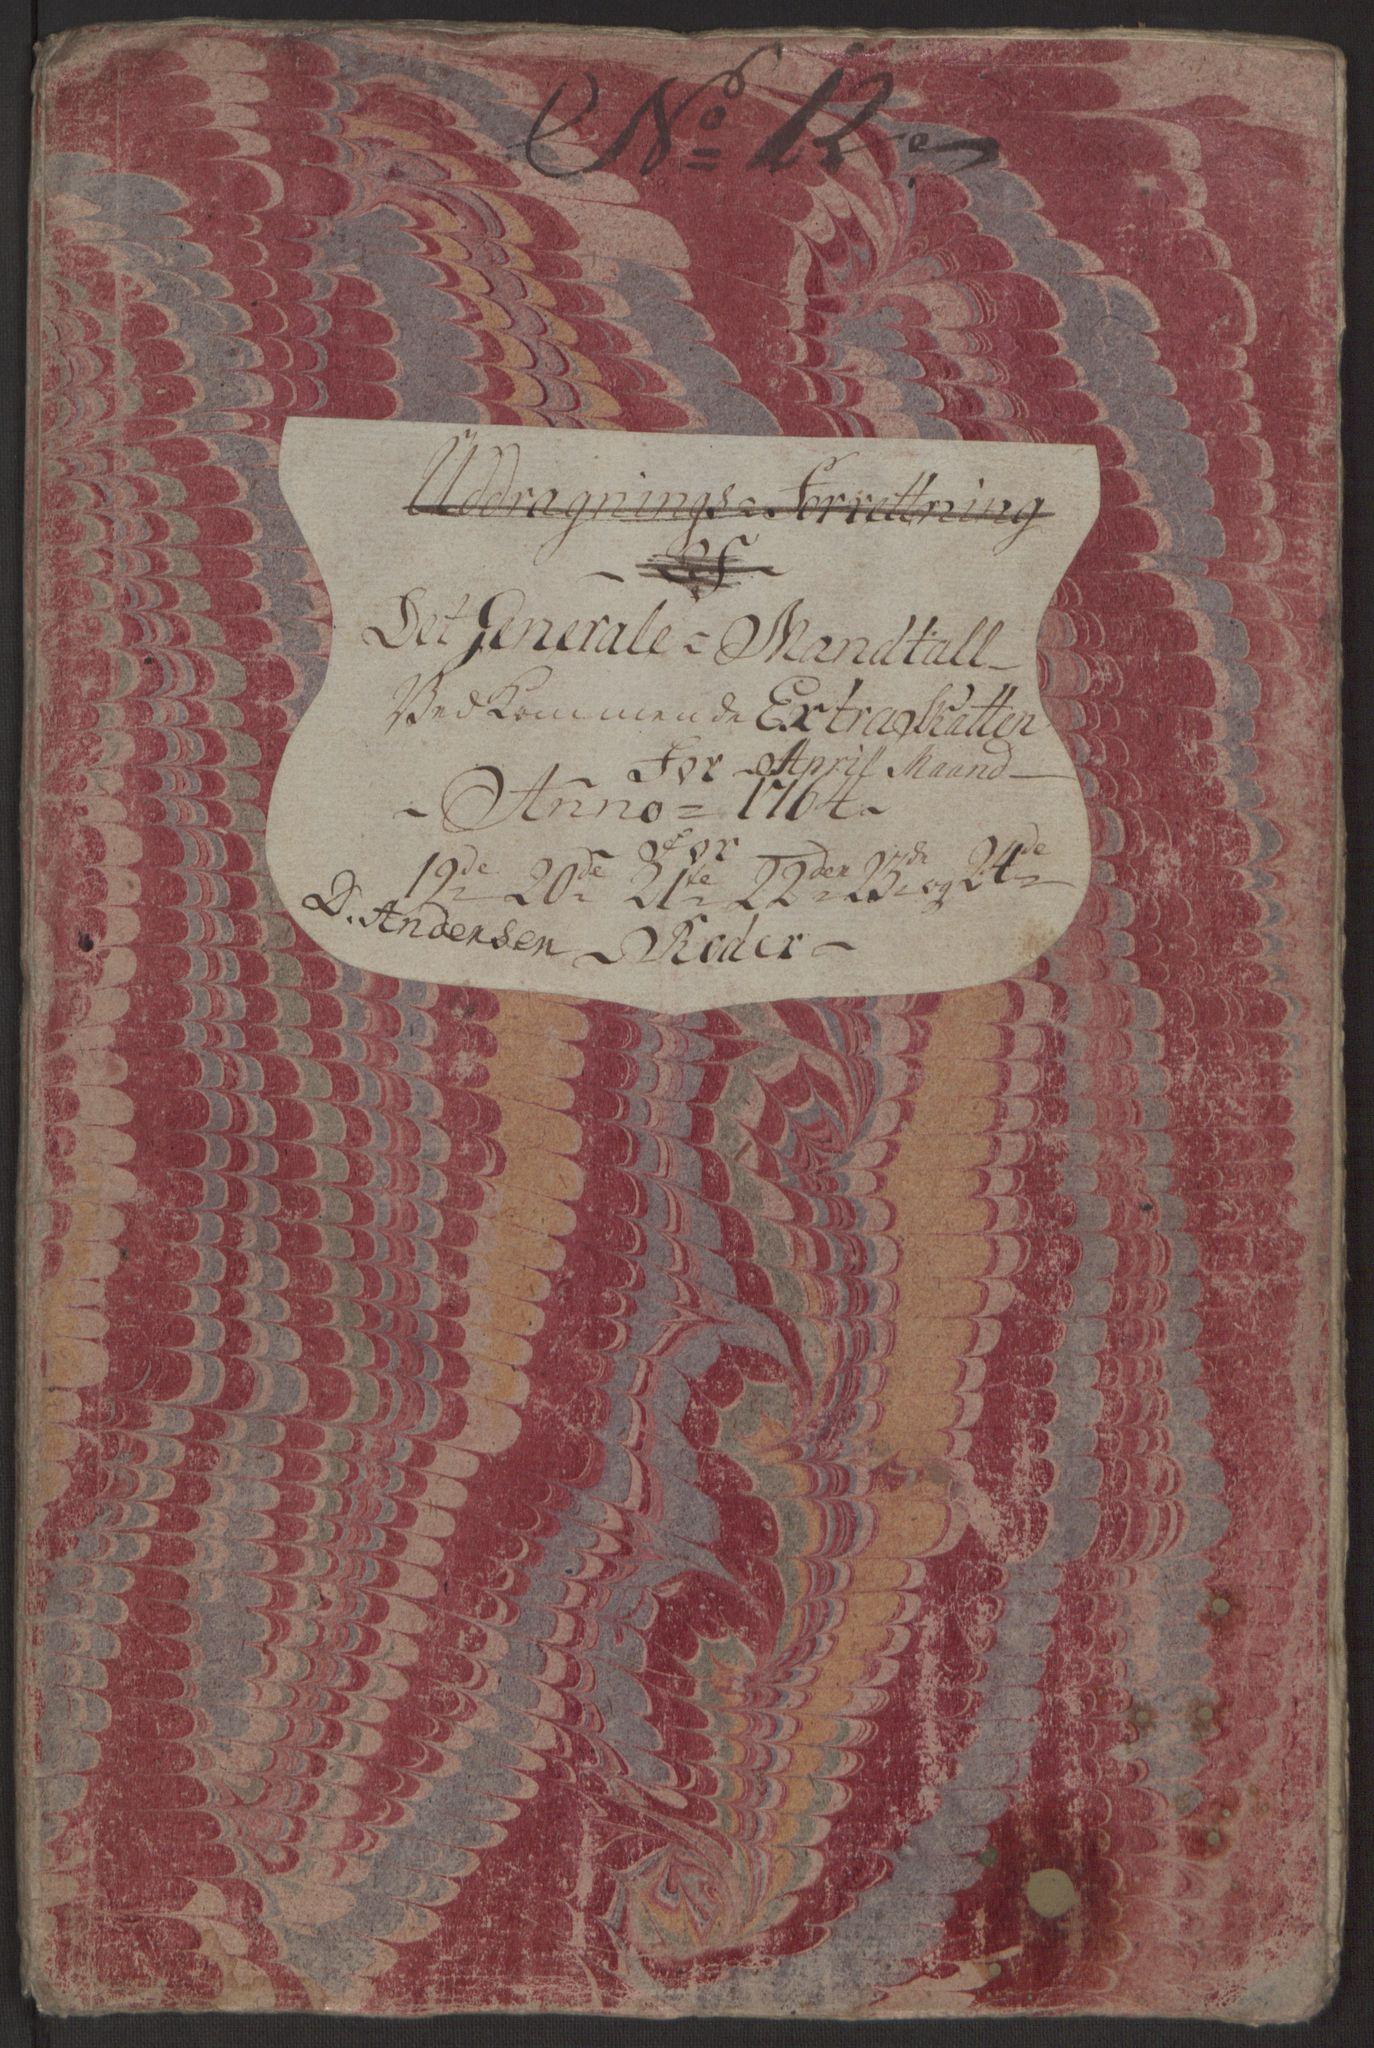 RA, Rentekammeret inntil 1814, Reviderte regnskaper, Byregnskaper, R/Rp/L0368: [P21] Kontribusjonsregnskap, 1764, s. 213